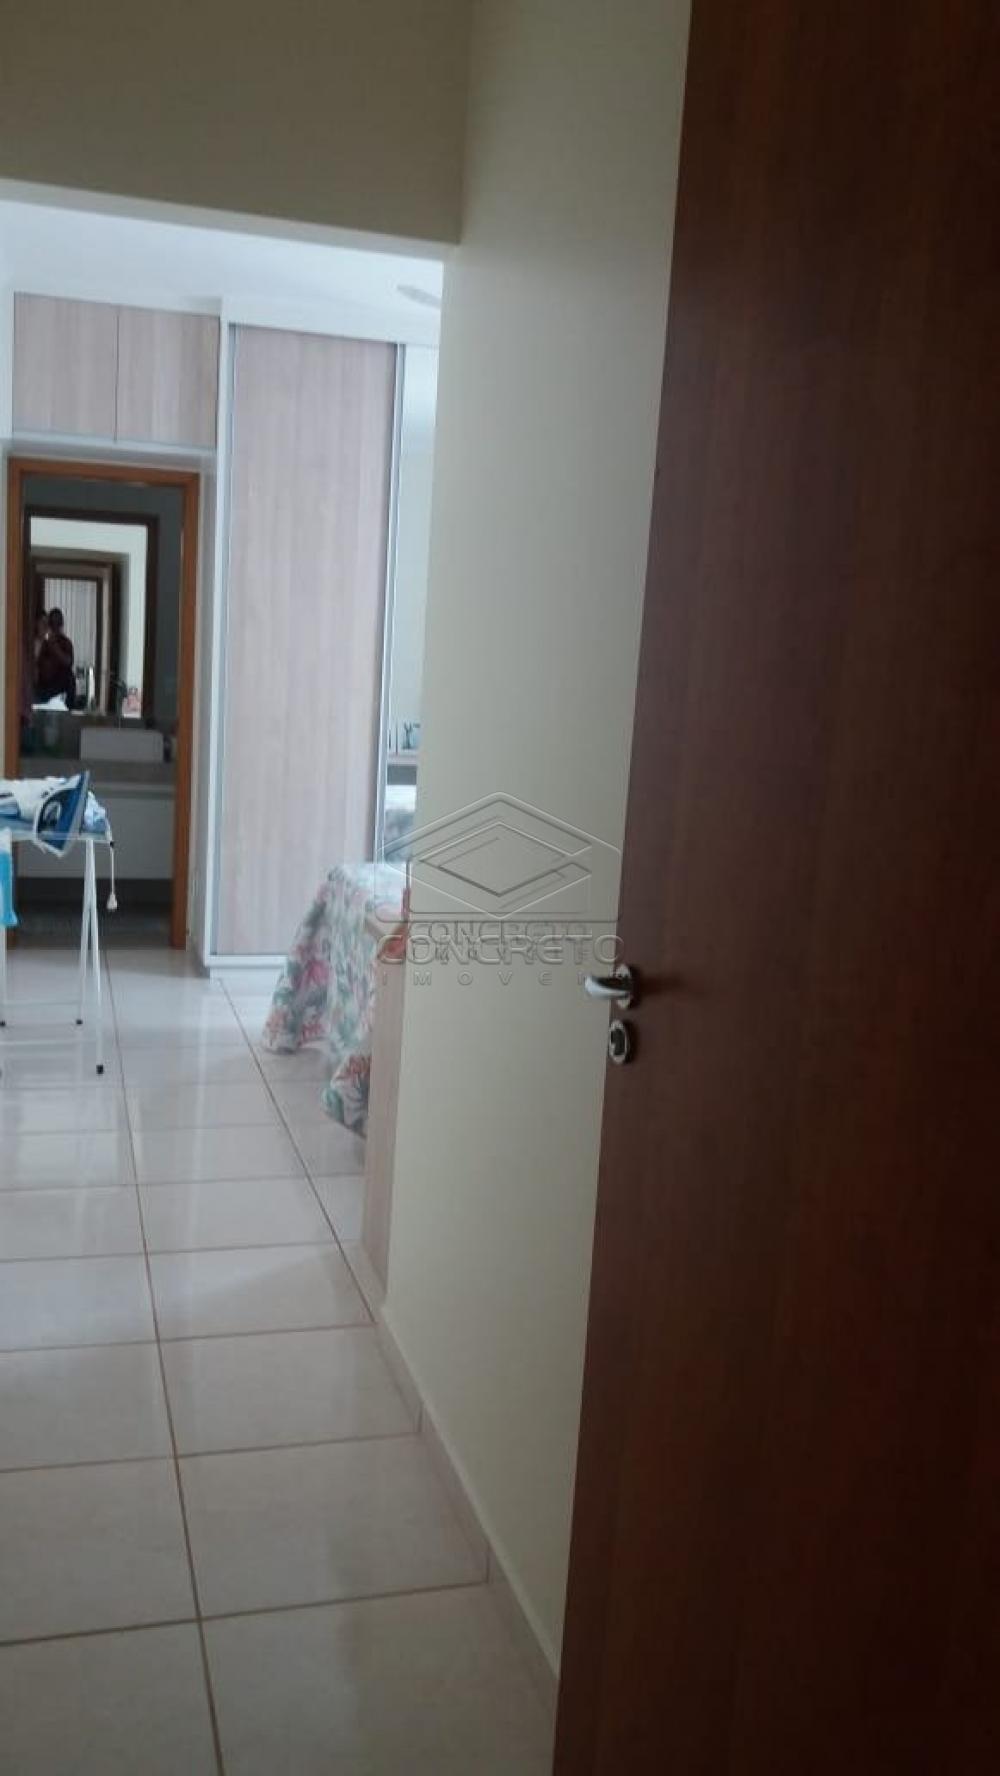 Alugar Casa / Padrão em Bauru apenas R$ 951,00 - Foto 16